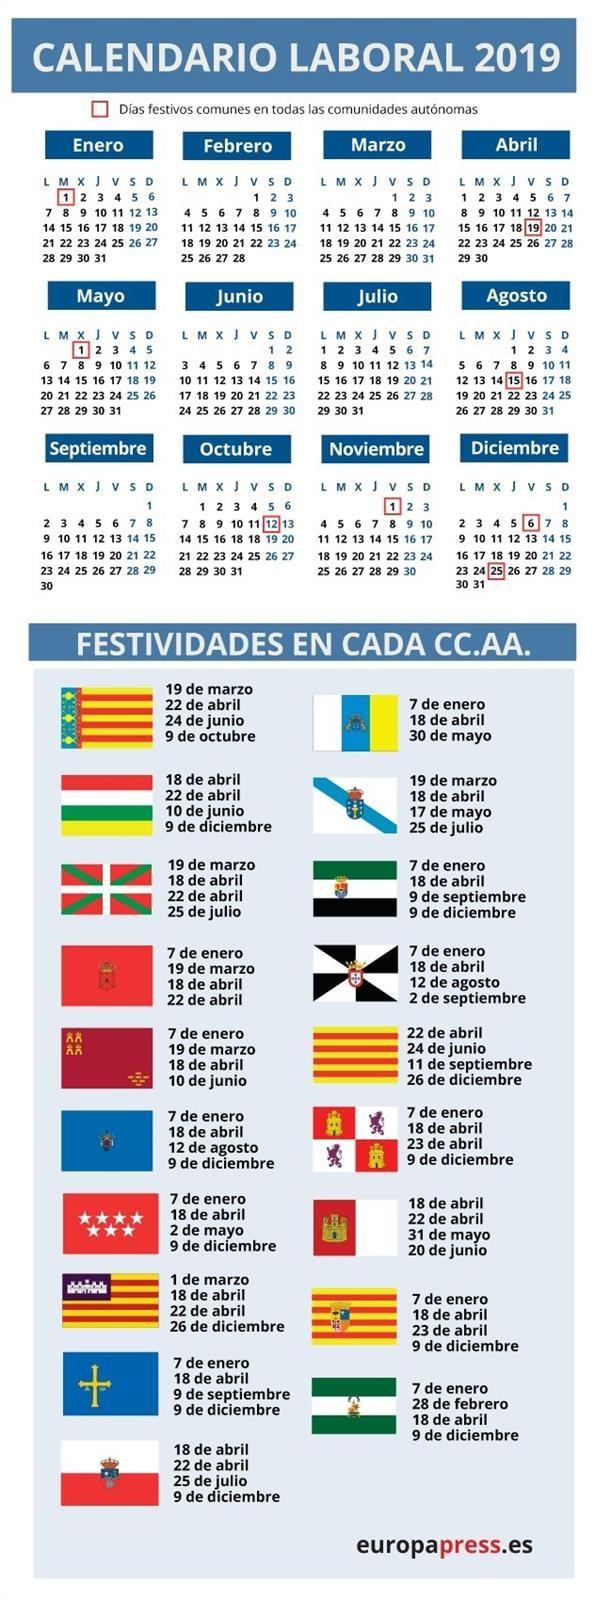 Calendario Laboral Ceuta 2019.El Calendario Laboral De 2019 Cuenta Con 12 Dias Festivos